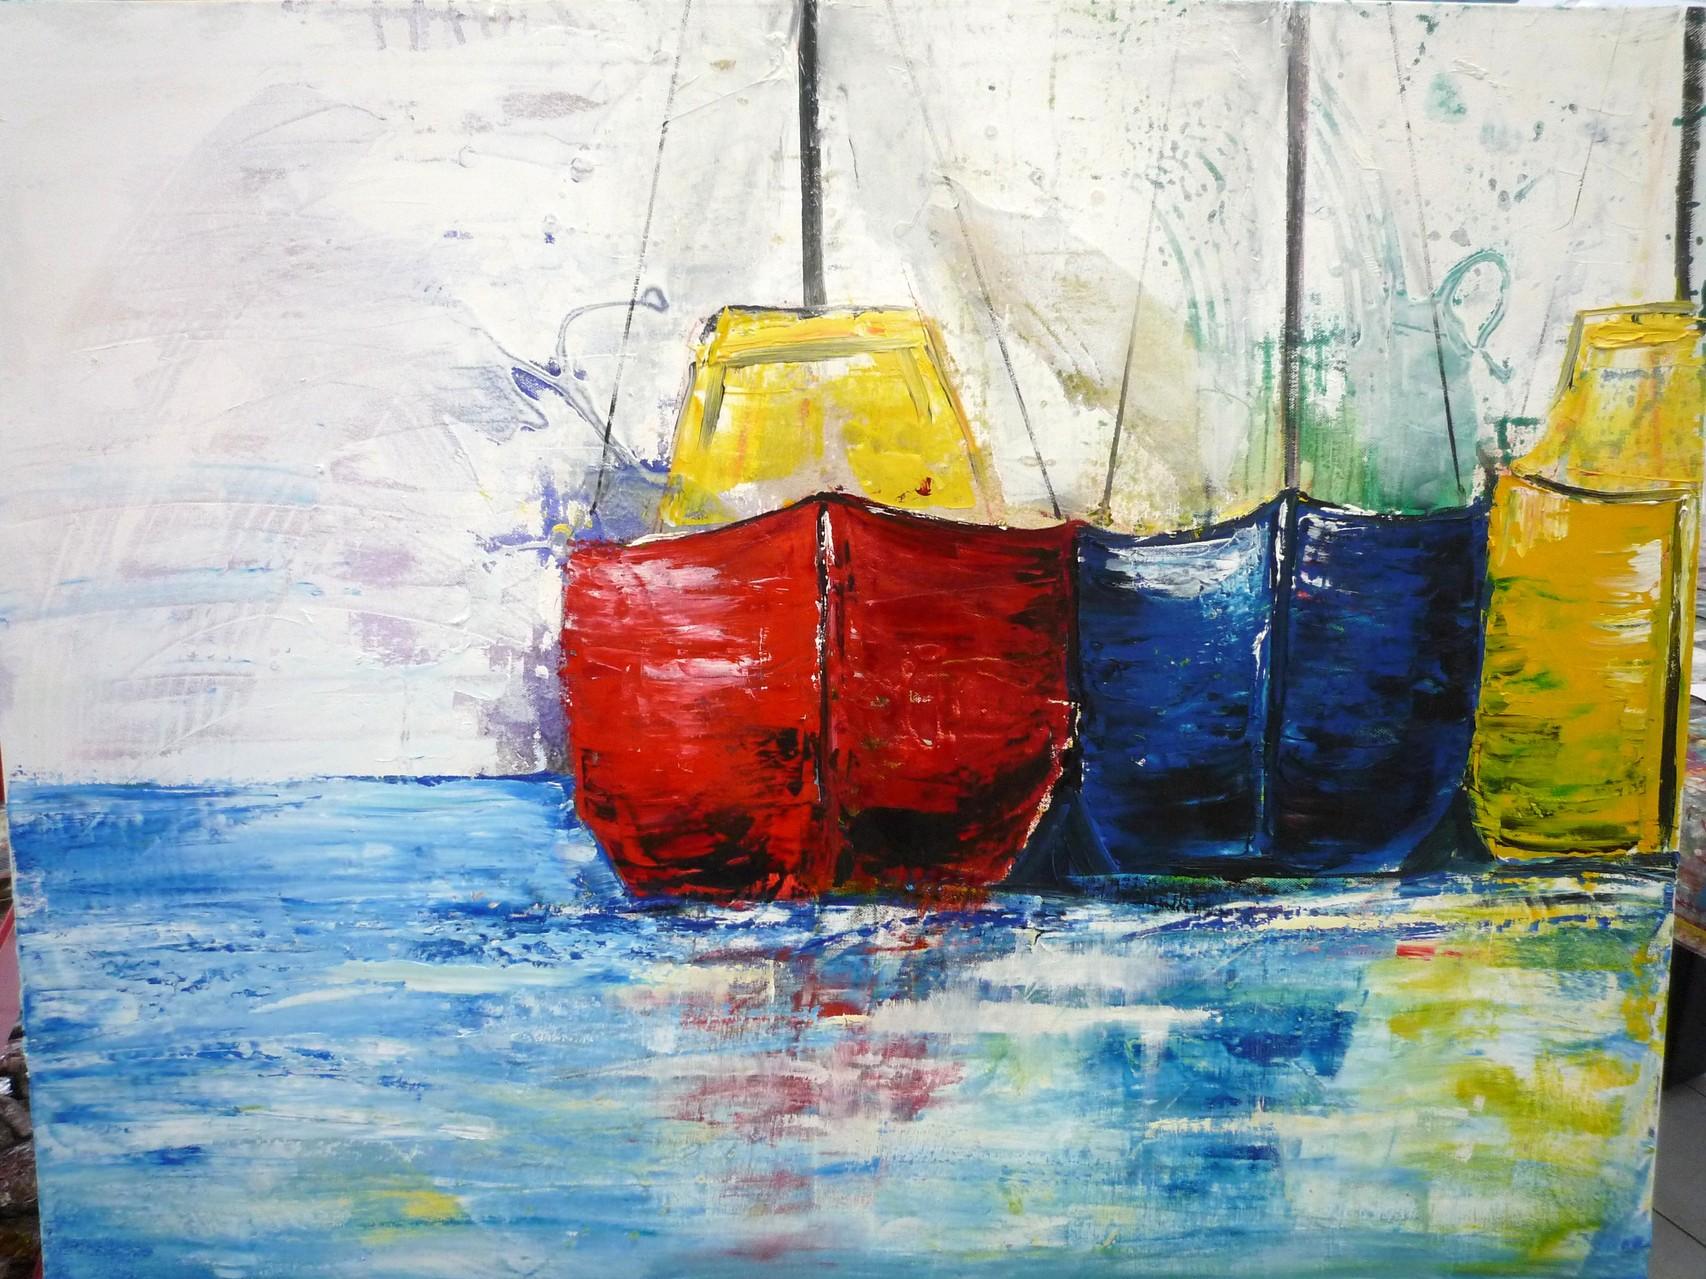 Drei Schiffe 100 x 80 cm